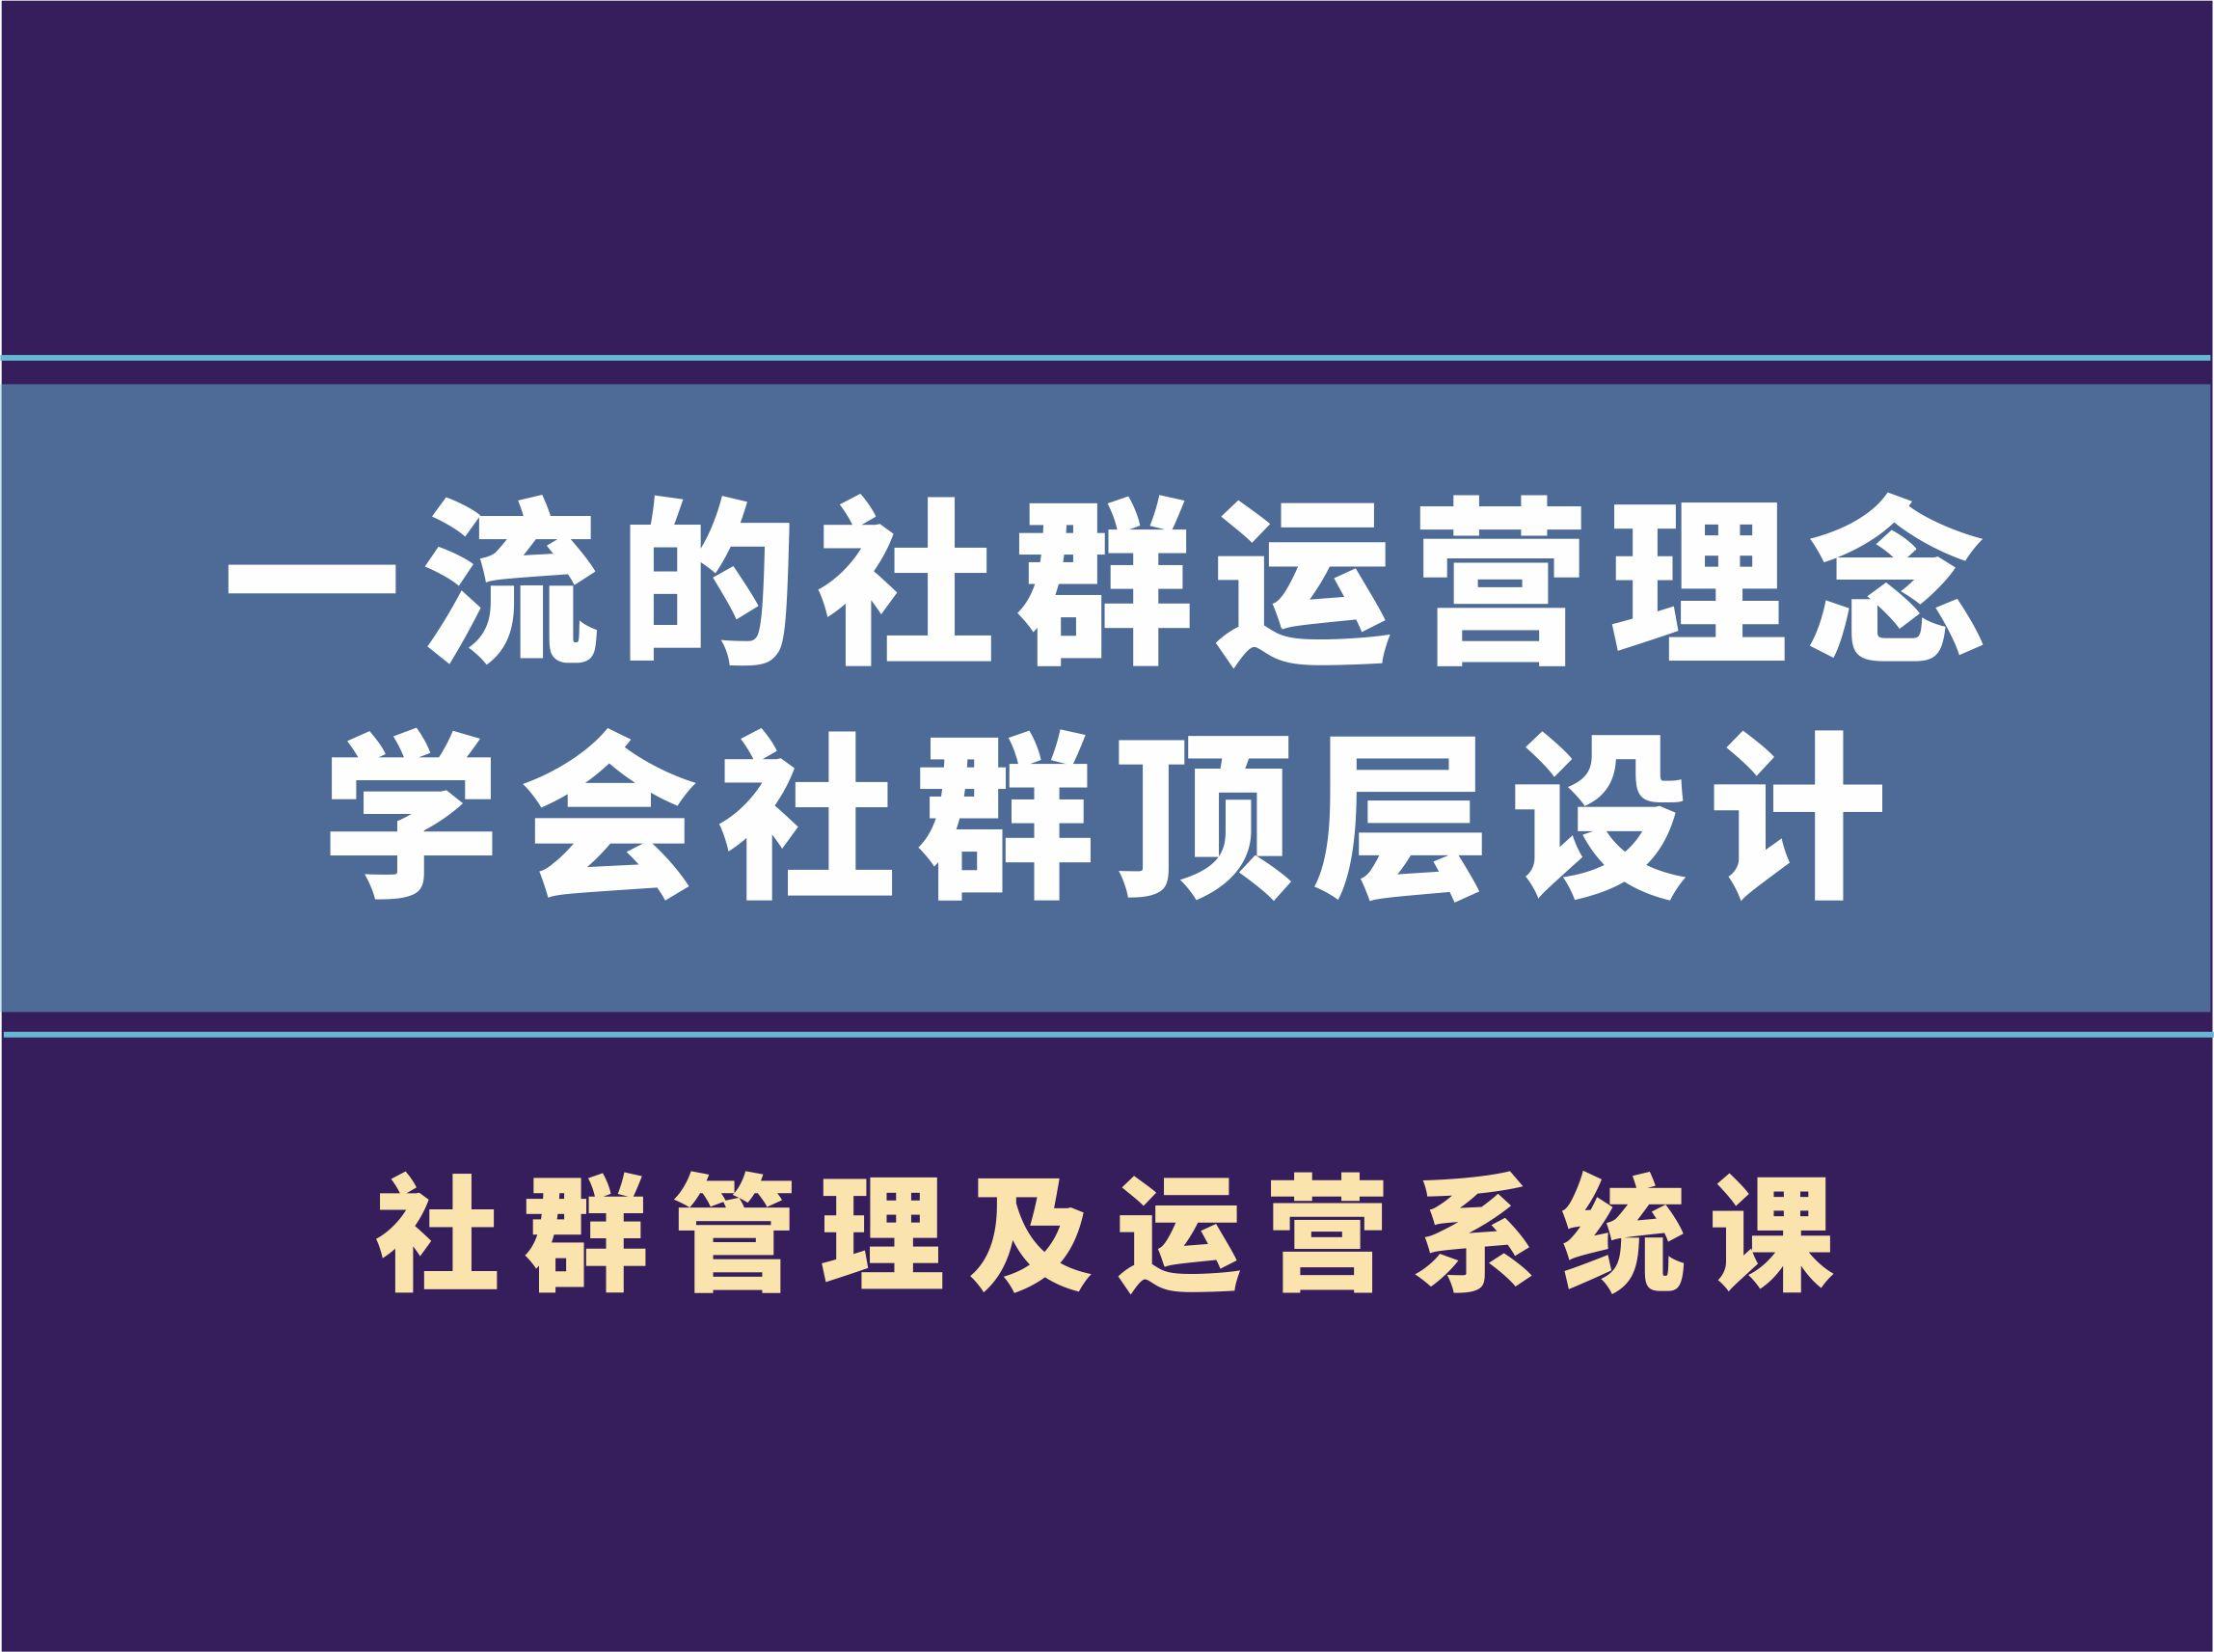 村西边老王·社群管理及运营系统课,价值899元